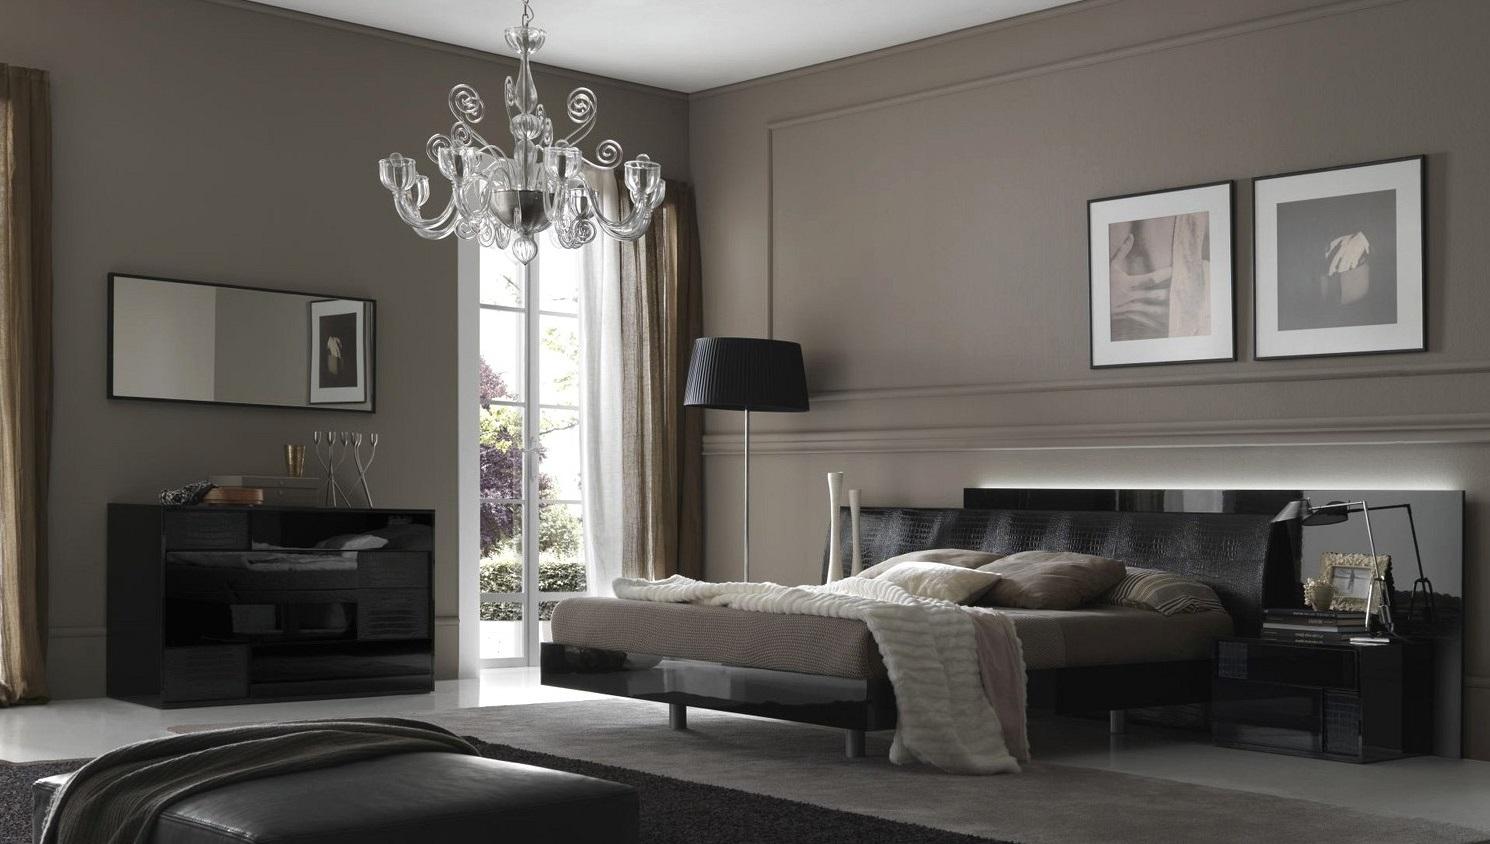 intérieur en couleur grise